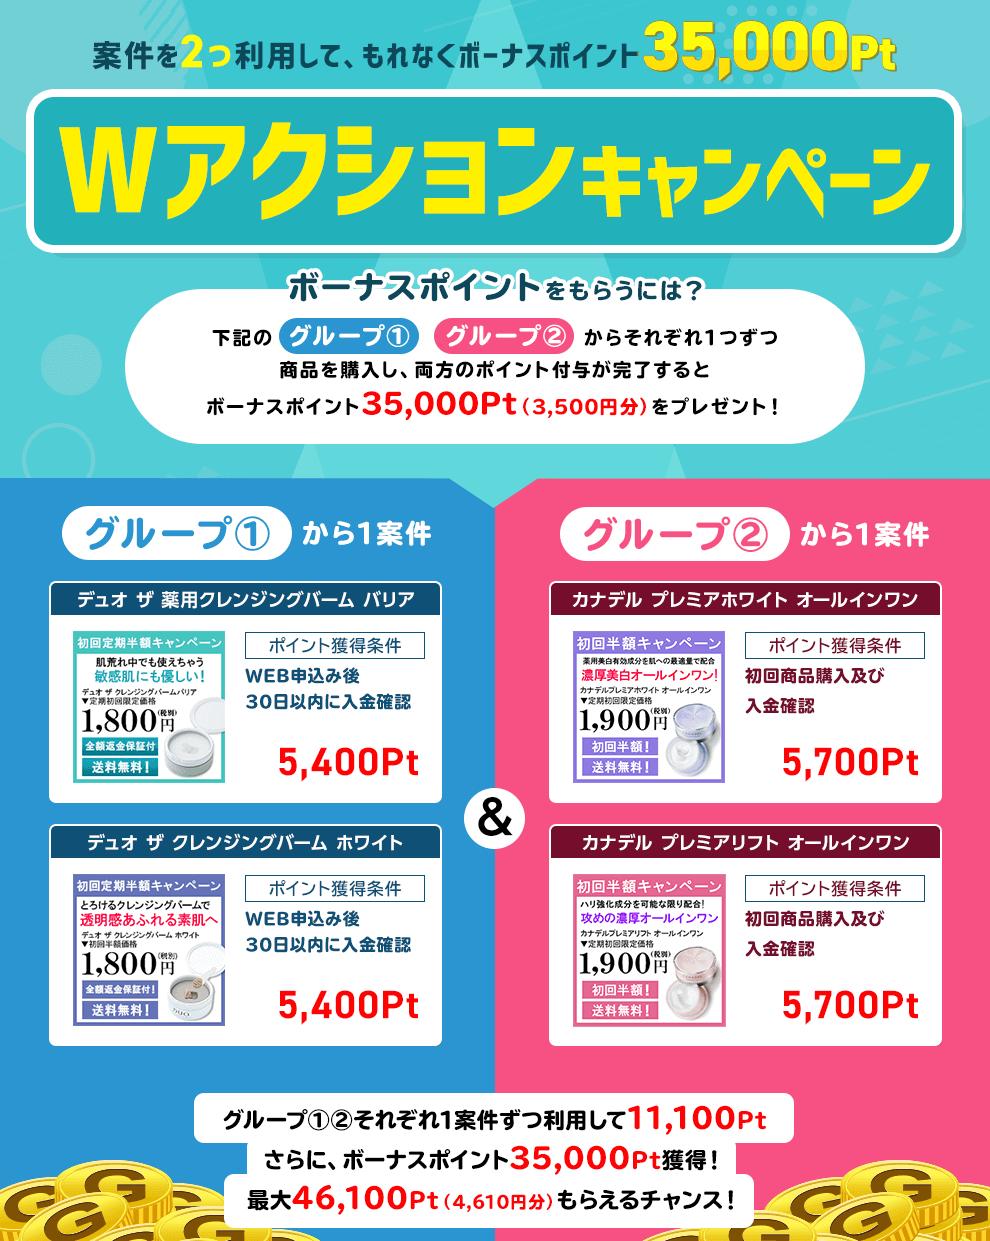 【3,500円分ボーナス!】Wアクションキャンペーン